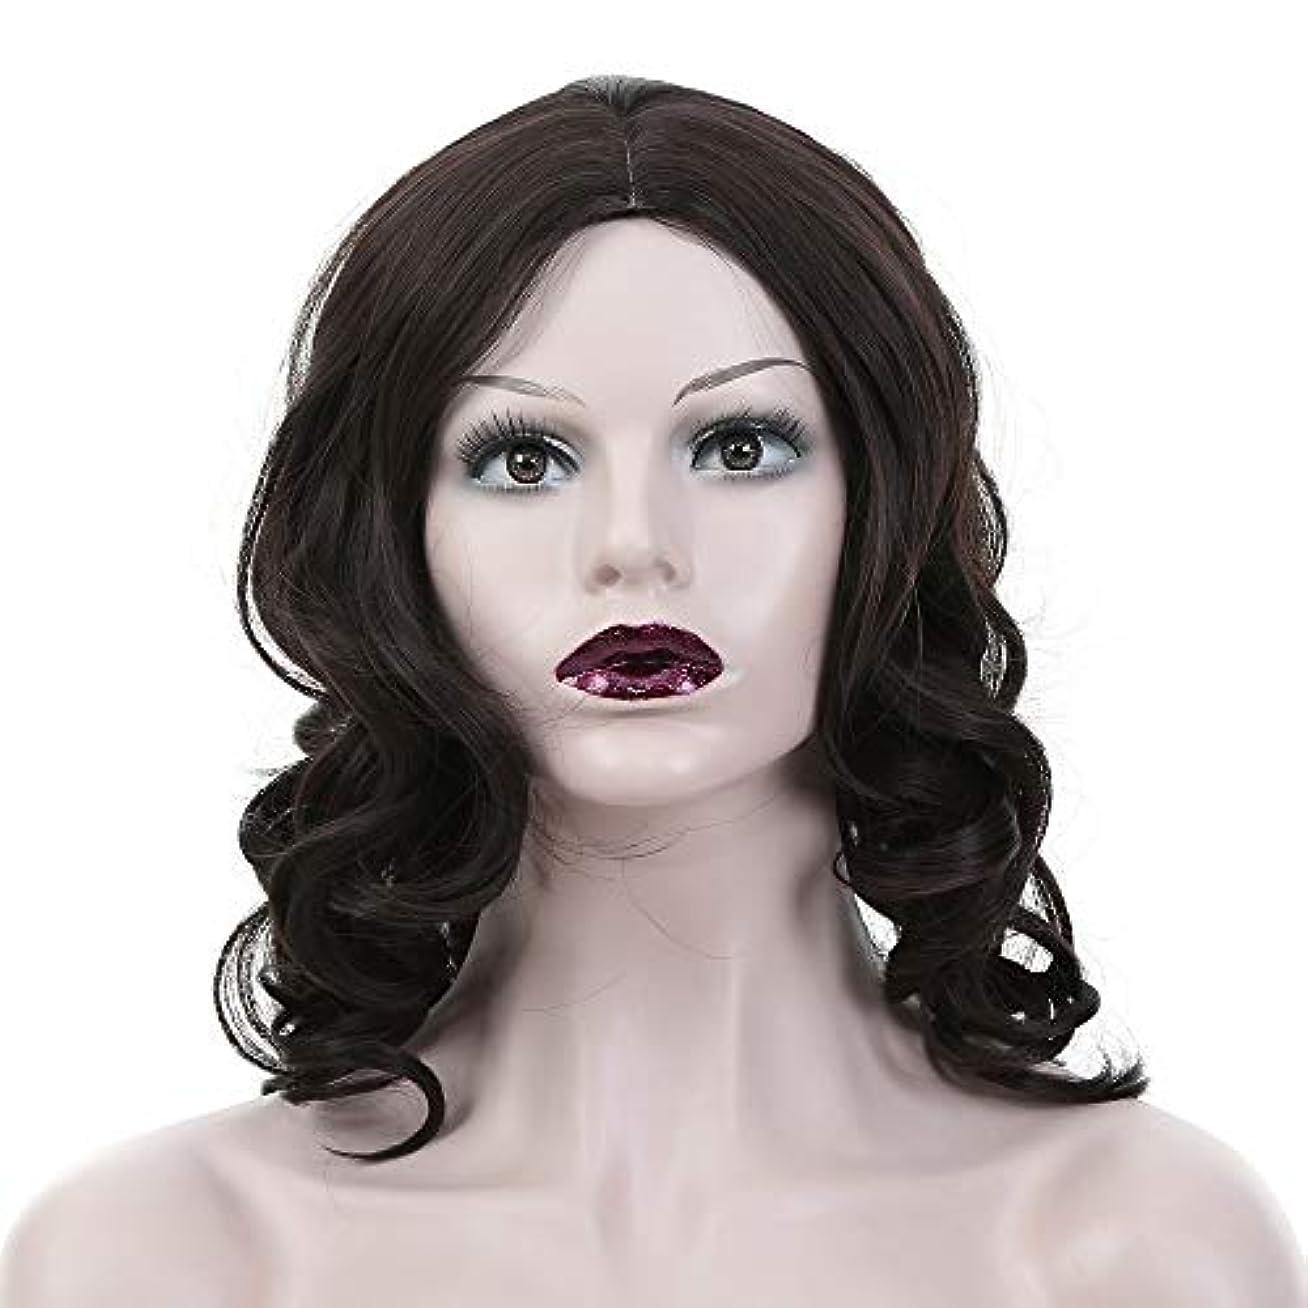 うねる学ぶ潜むWASAIO 女性の黒の長い巻き毛のかつら (色 : 黒)